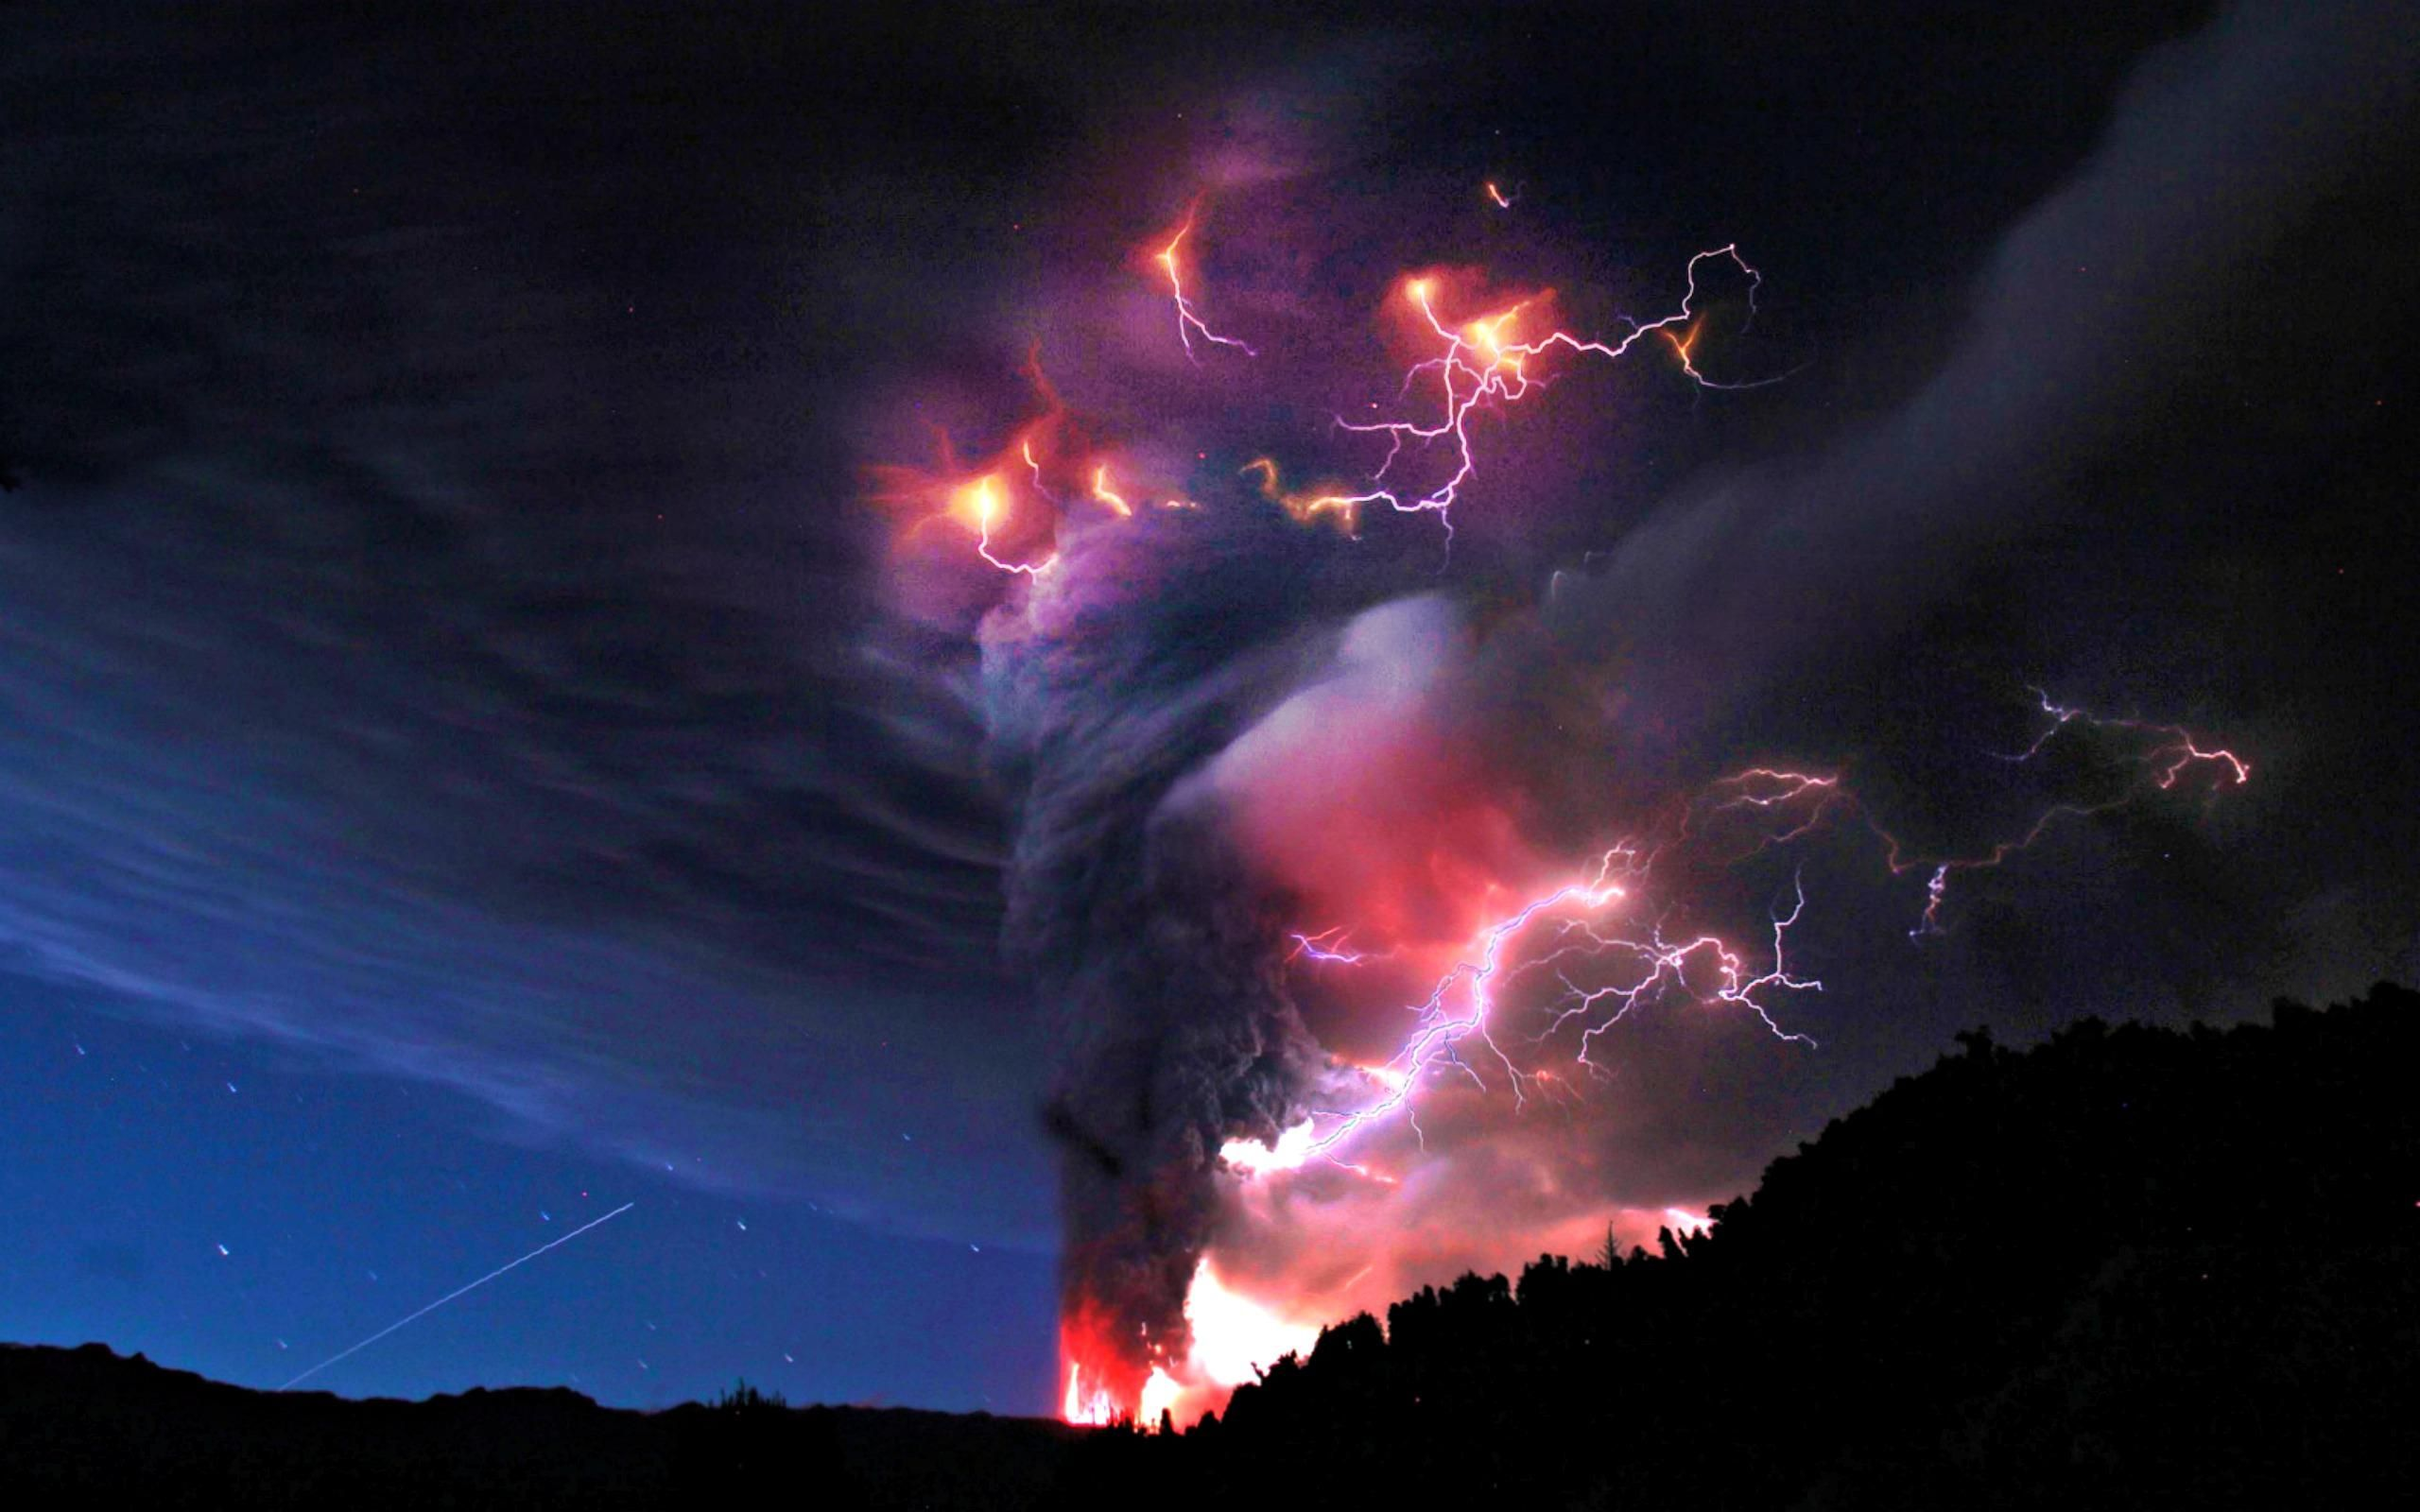 Cool Wallpaper Horse Lightning - 815ef2419fab4ad3cbbfbfdb9bb82ef6  Trends_759834.jpg